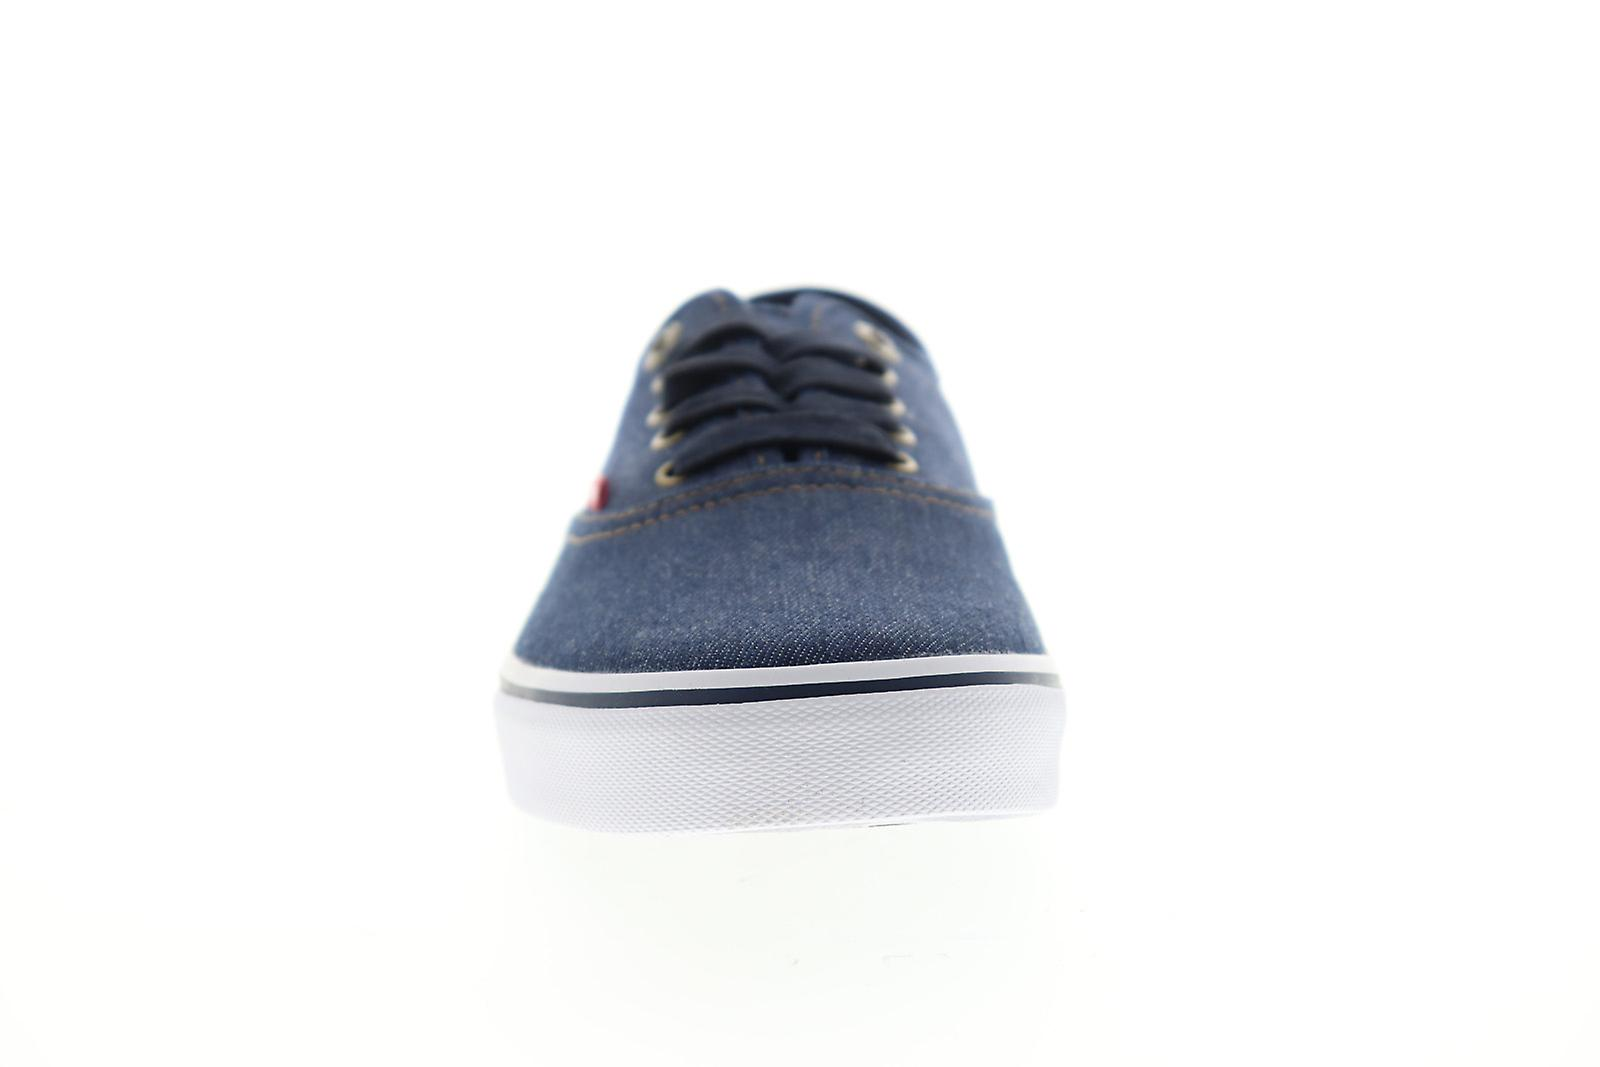 Levis Monterey denim heren blauw canvas lage top sneakers schoenen UmAstB